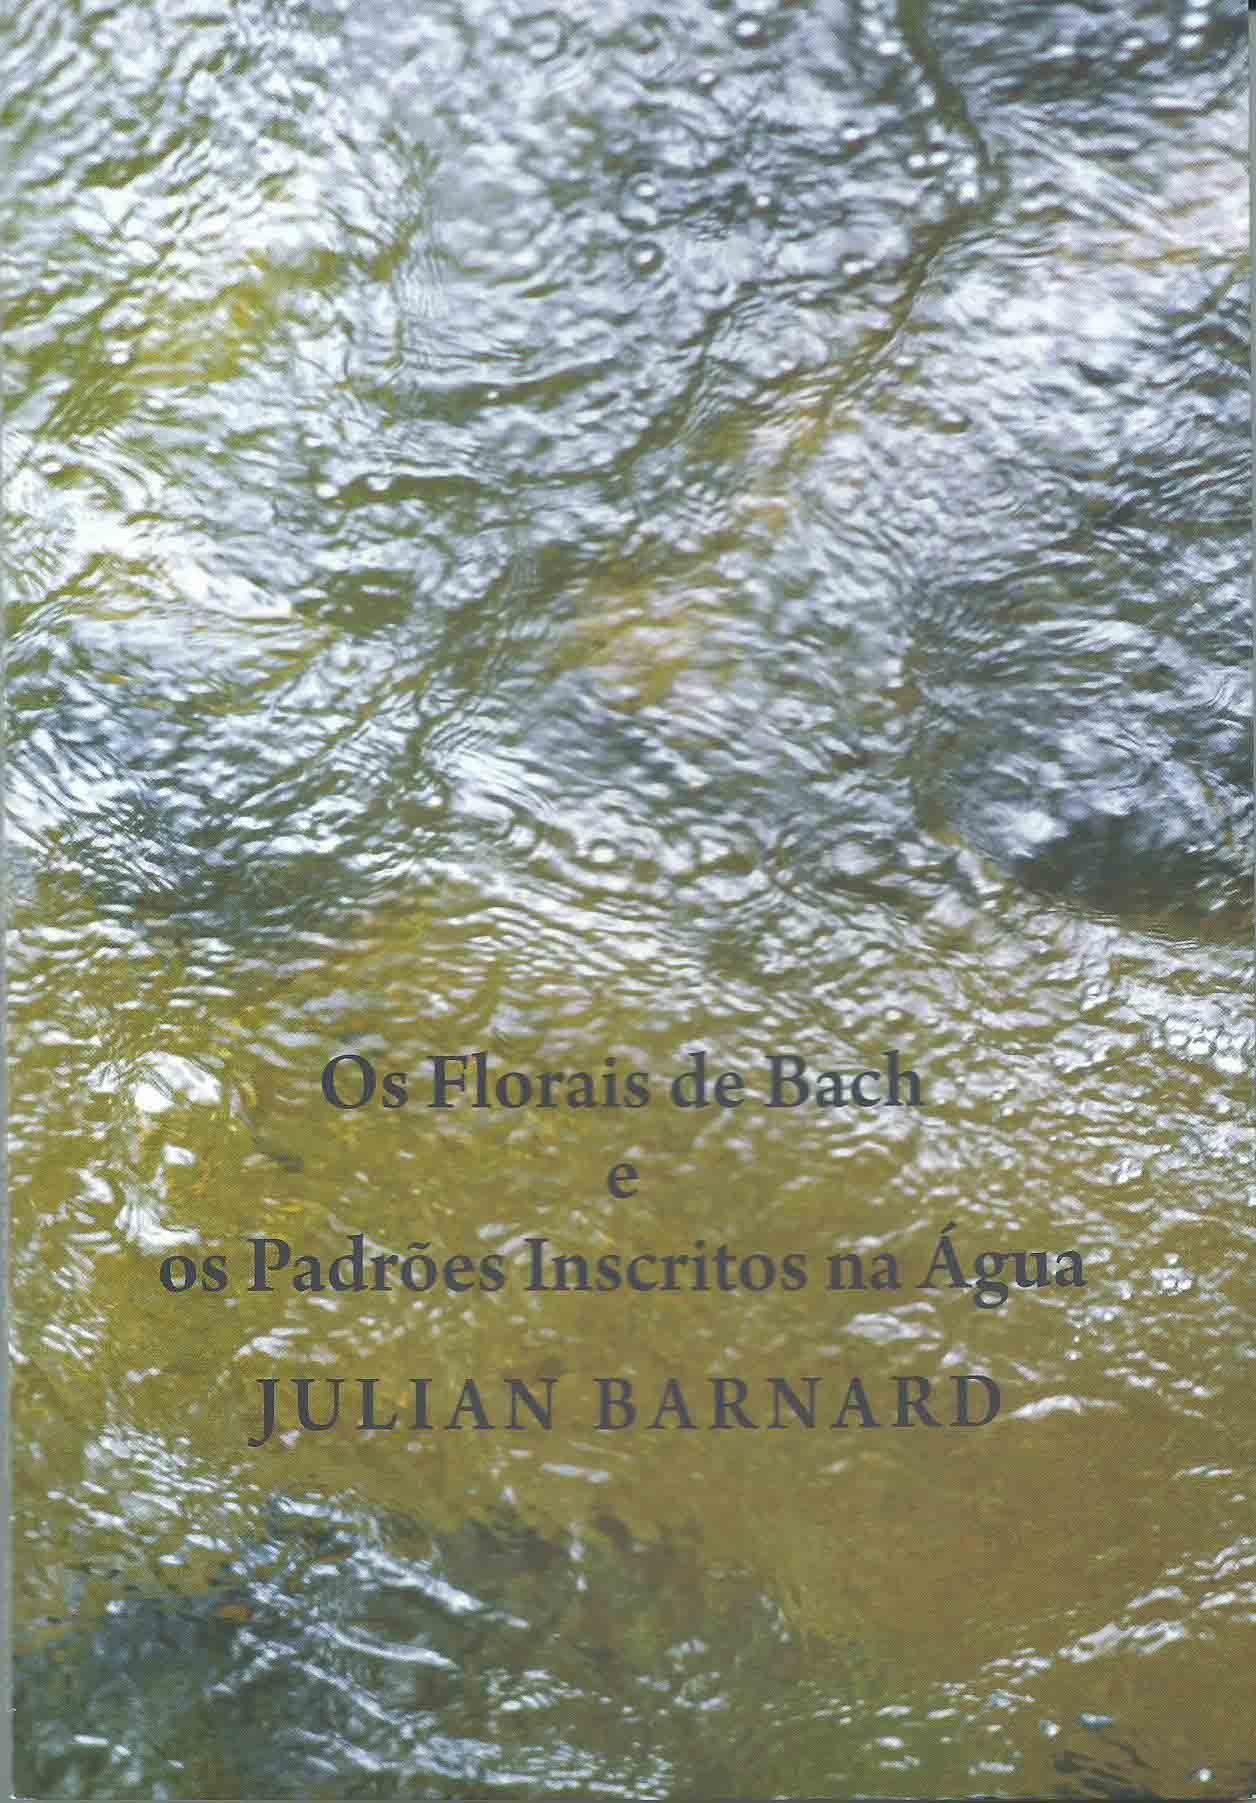 Livro Os Florais de Bach e os Padrões Inscritos na Água - Julian Barnad  - Floressência